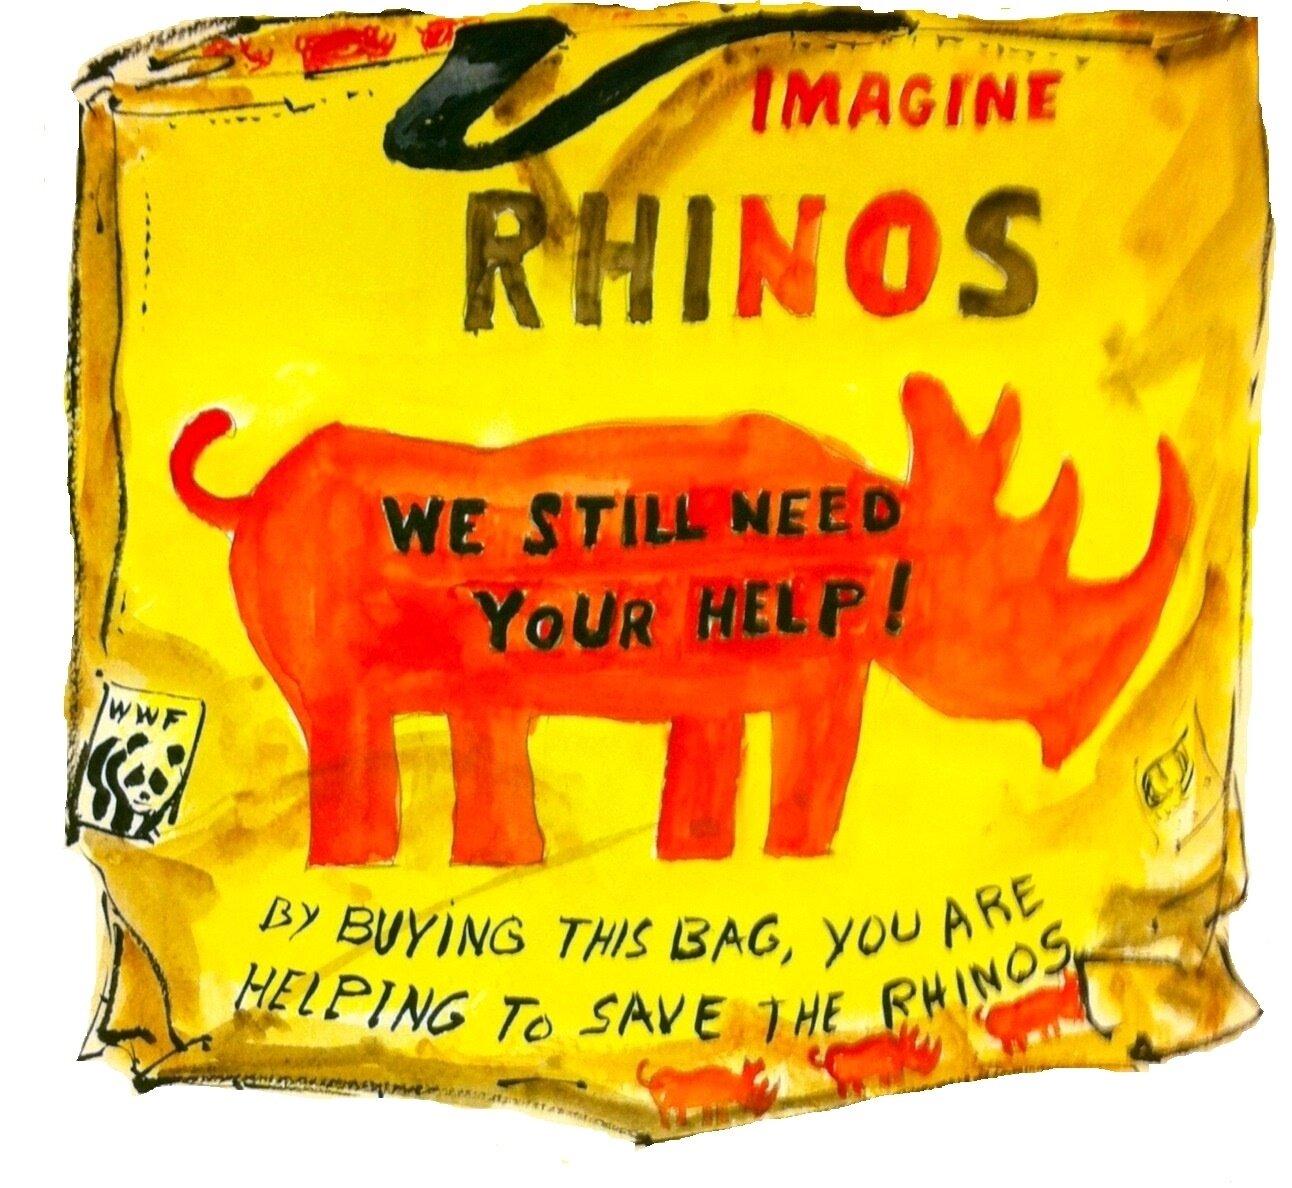 44 Artisanat Help Rhinos